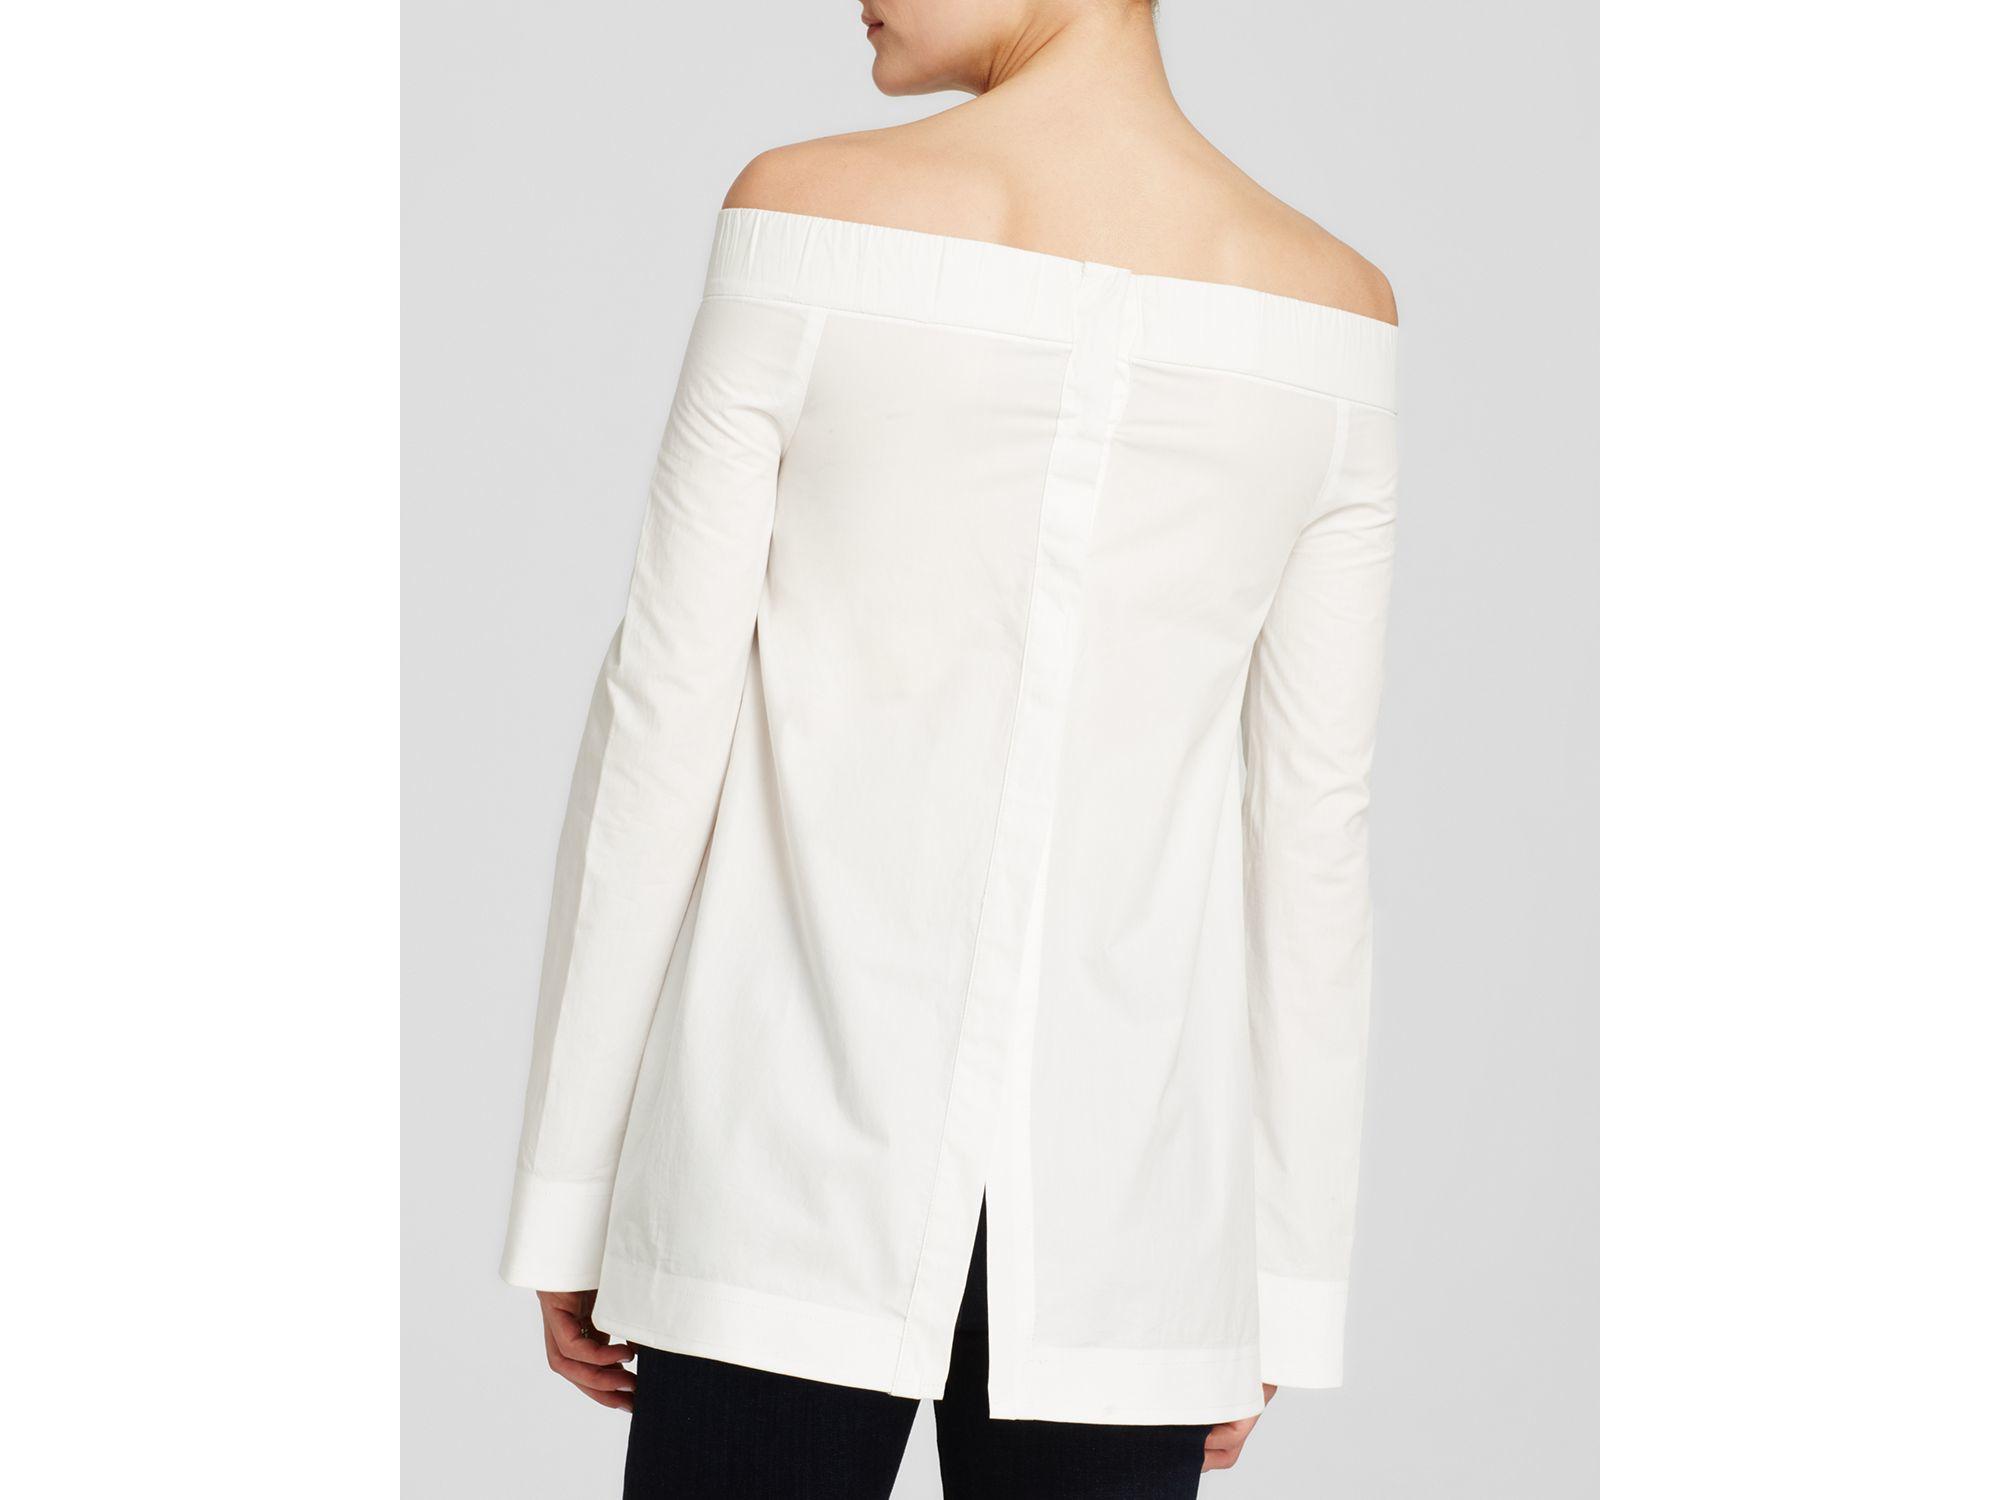 N nicholas Off Shoulder Bell Sleeve Top in White   Lyst